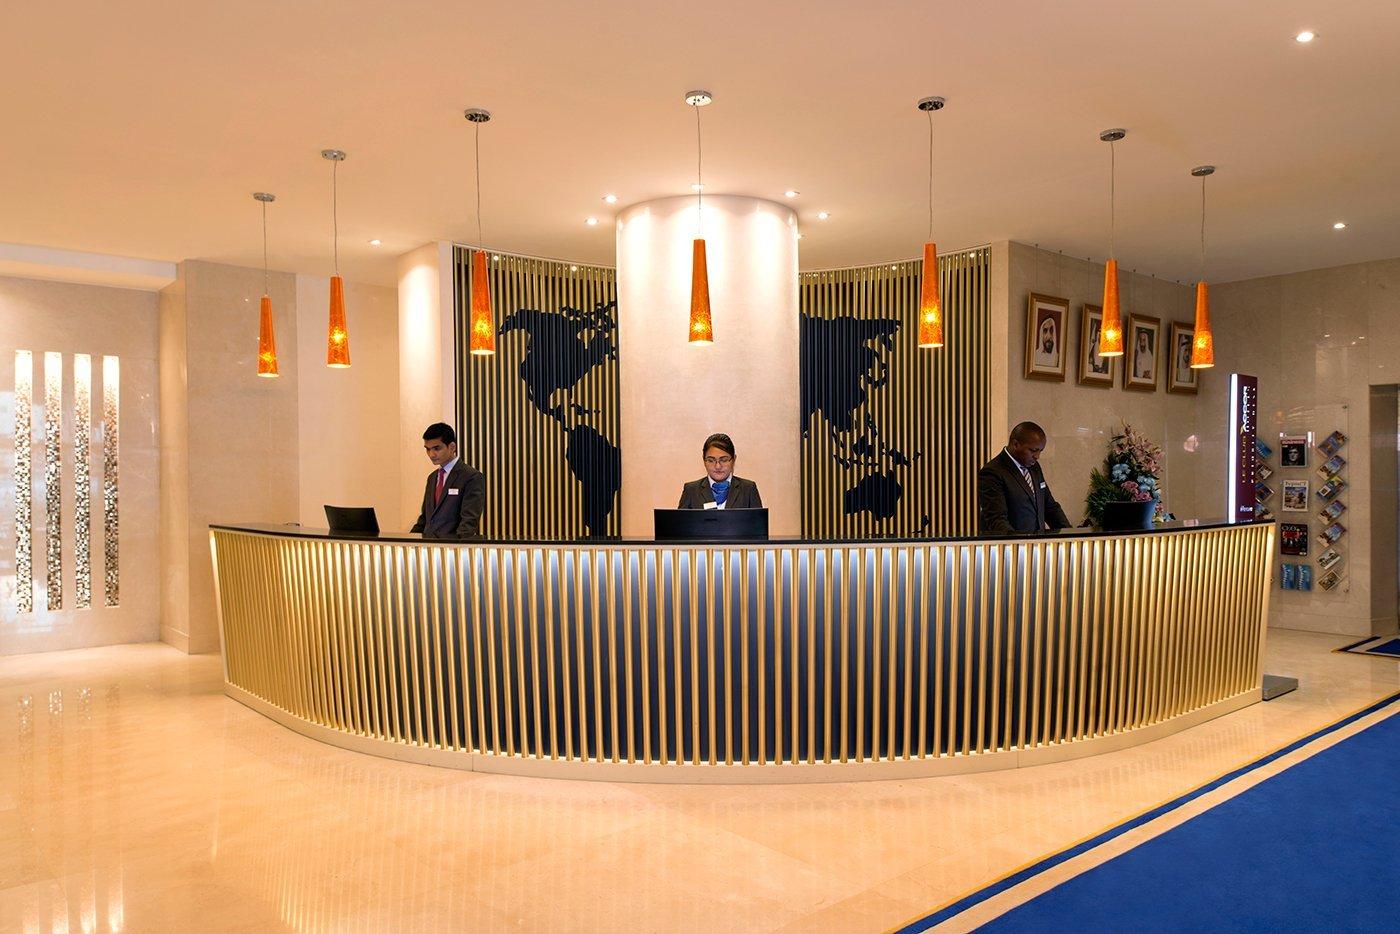 hotel reception of the mercure grand hotel in dubai